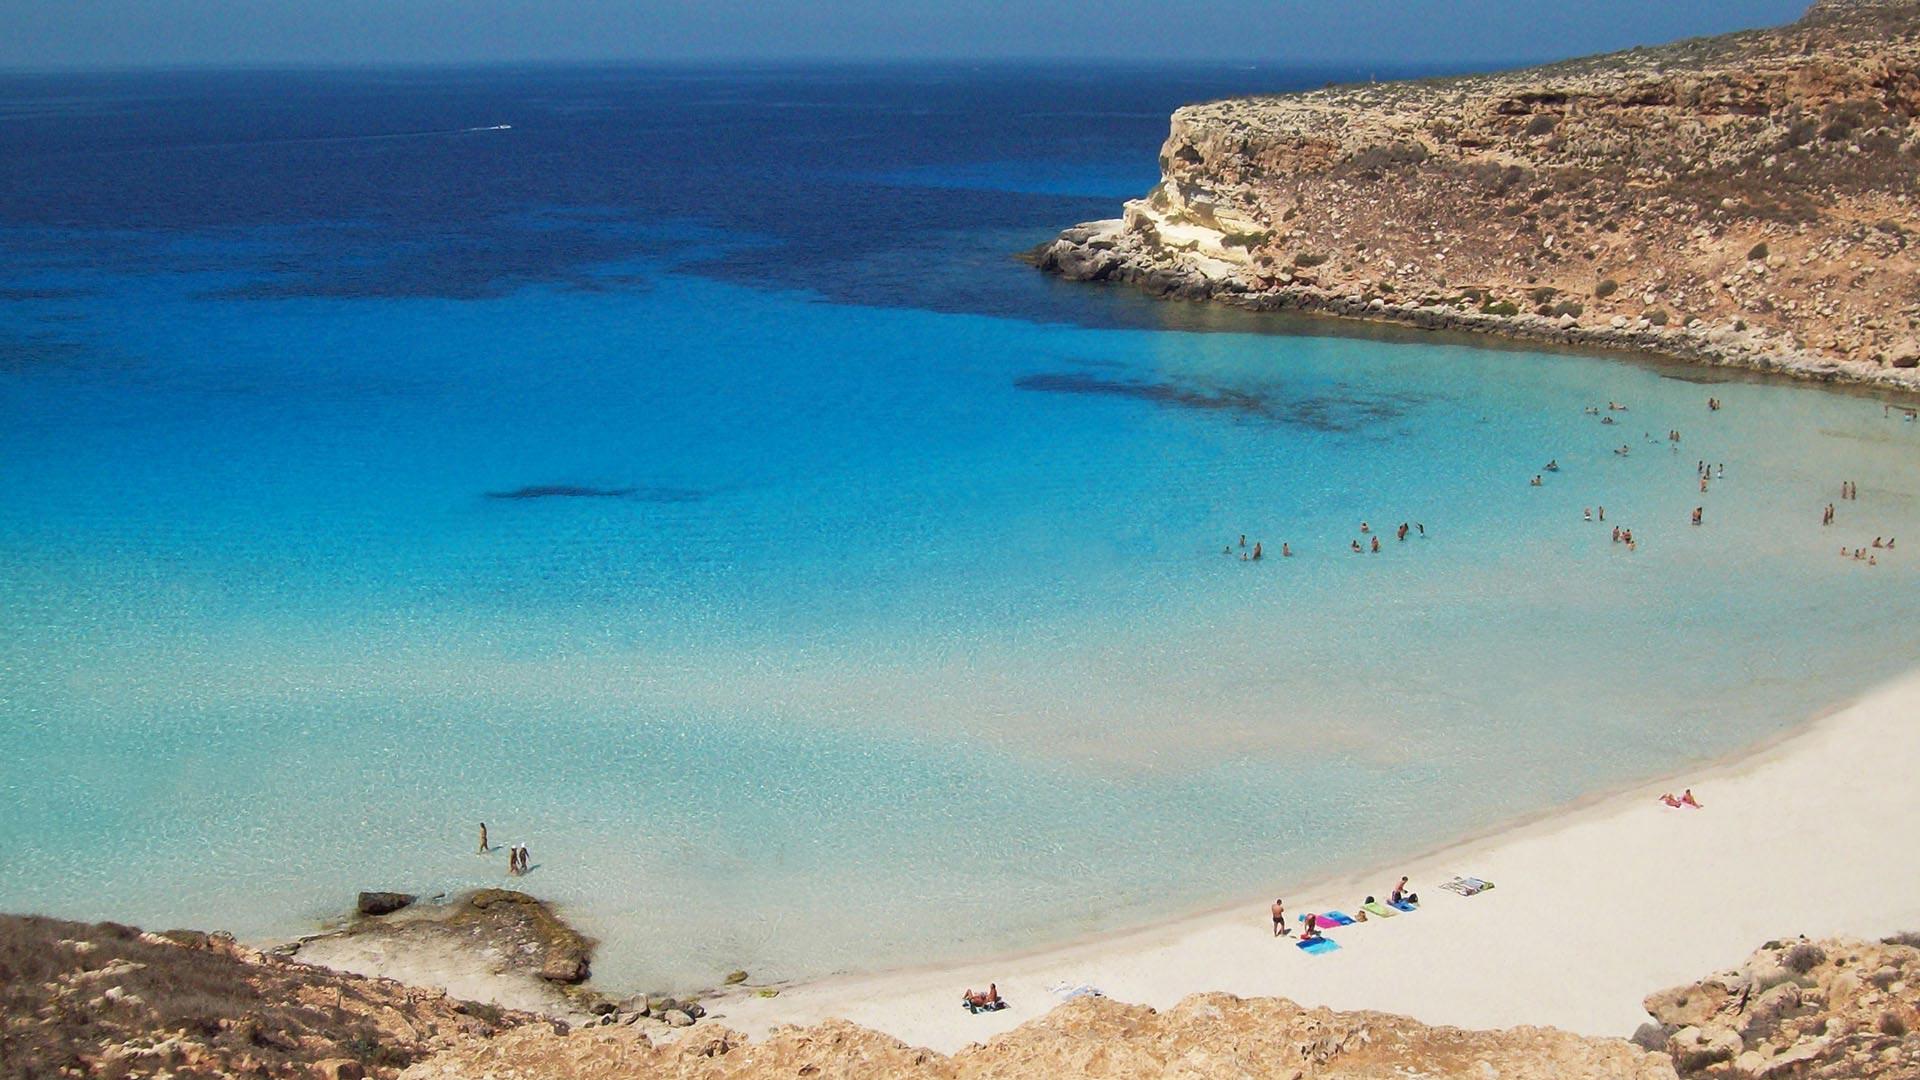 Cala palme vacanza mare spiagge relax a lampedusa for Soggiorno lampedusa